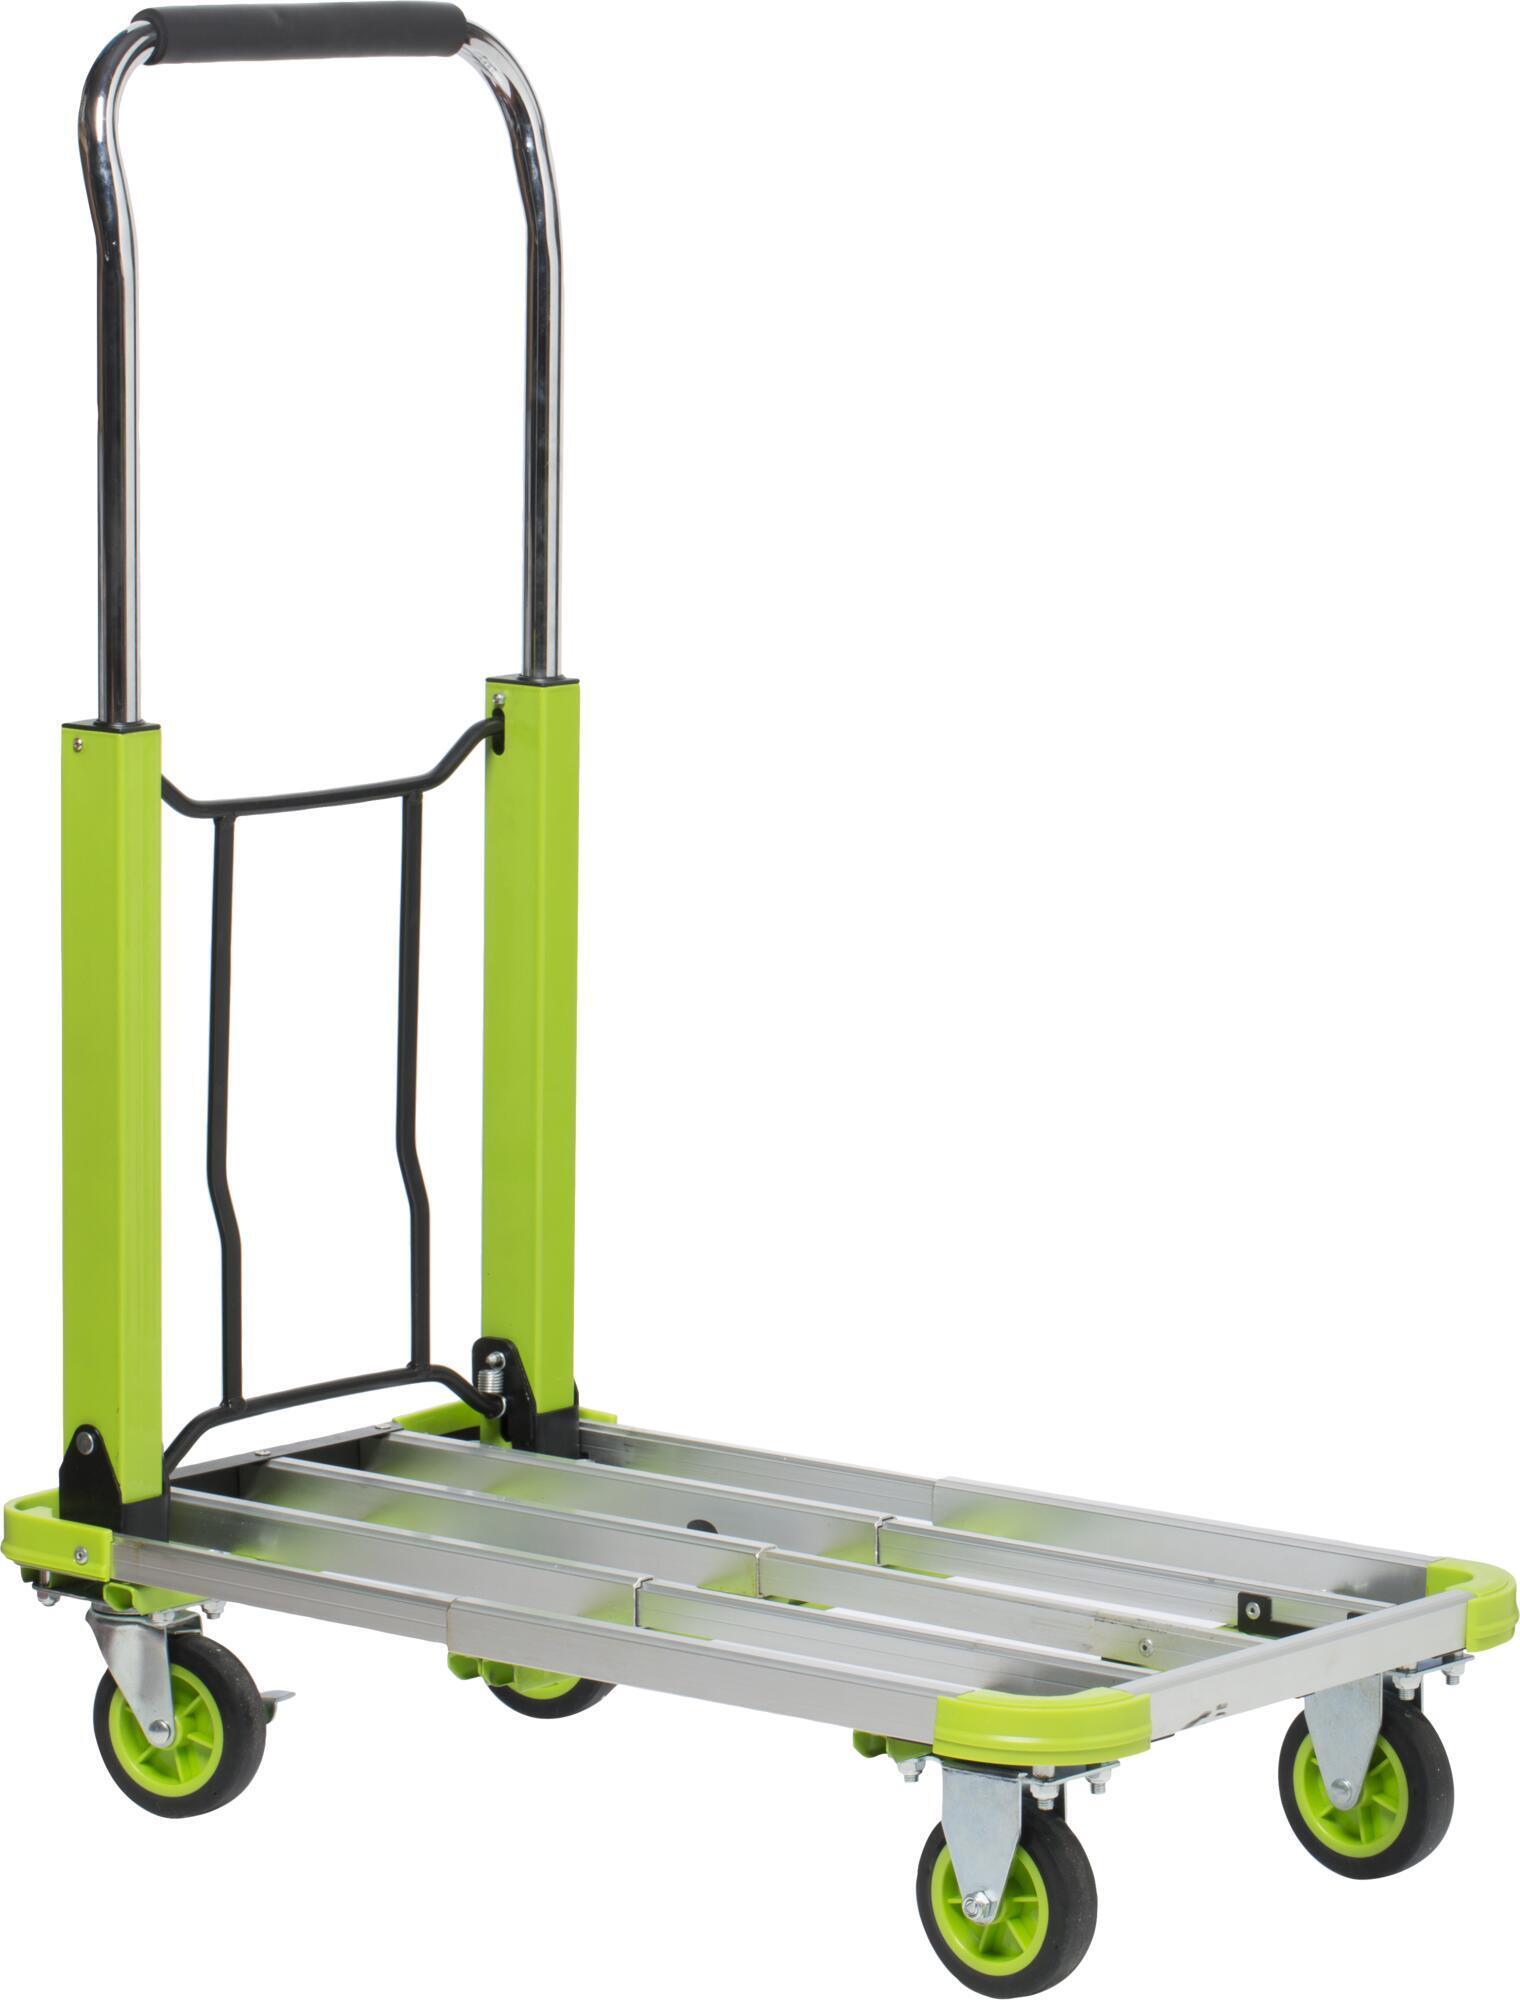 Carrello piattaforma STANDERS 71 x 42 cm portata 150 kg - 7